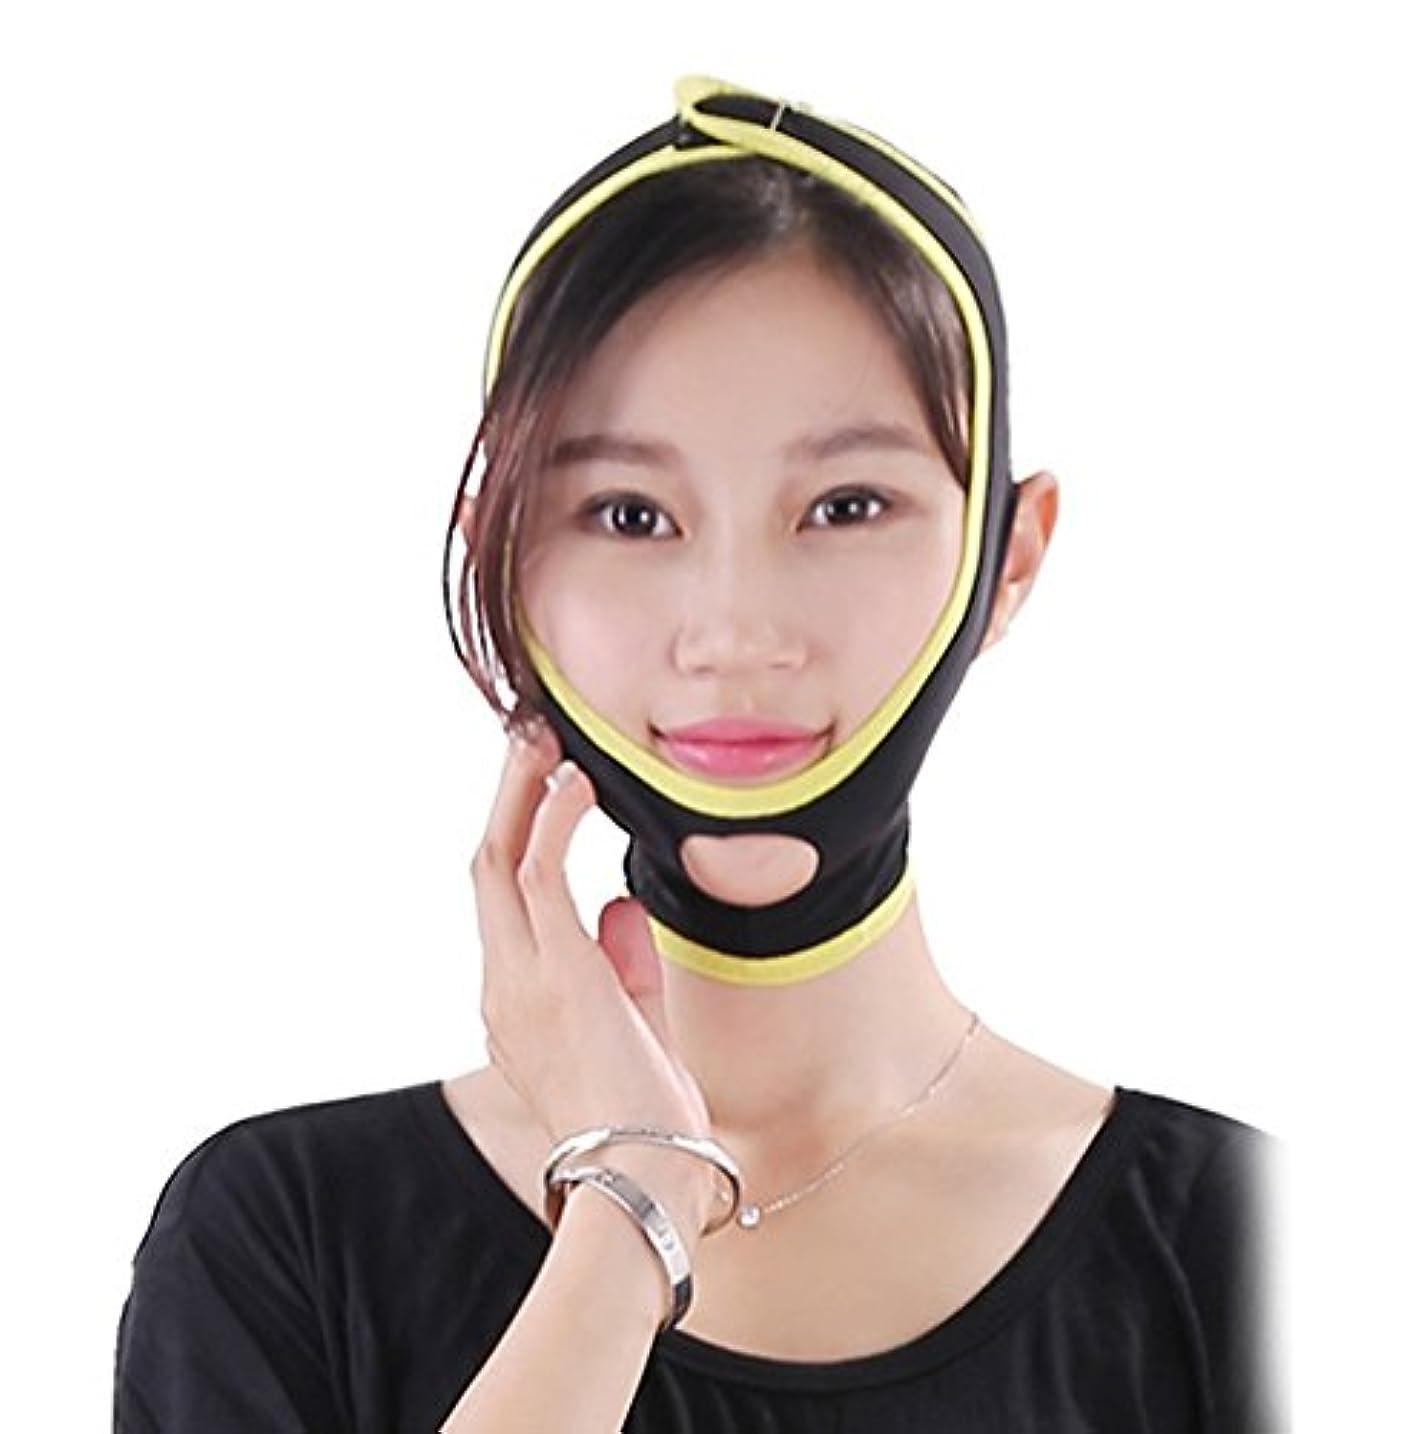 Remeehi フェイスラインベルト 抗シワ 額 顎下 頬リフトアップ 小顔 美顔 頬のたるみ 引き上げマスク L